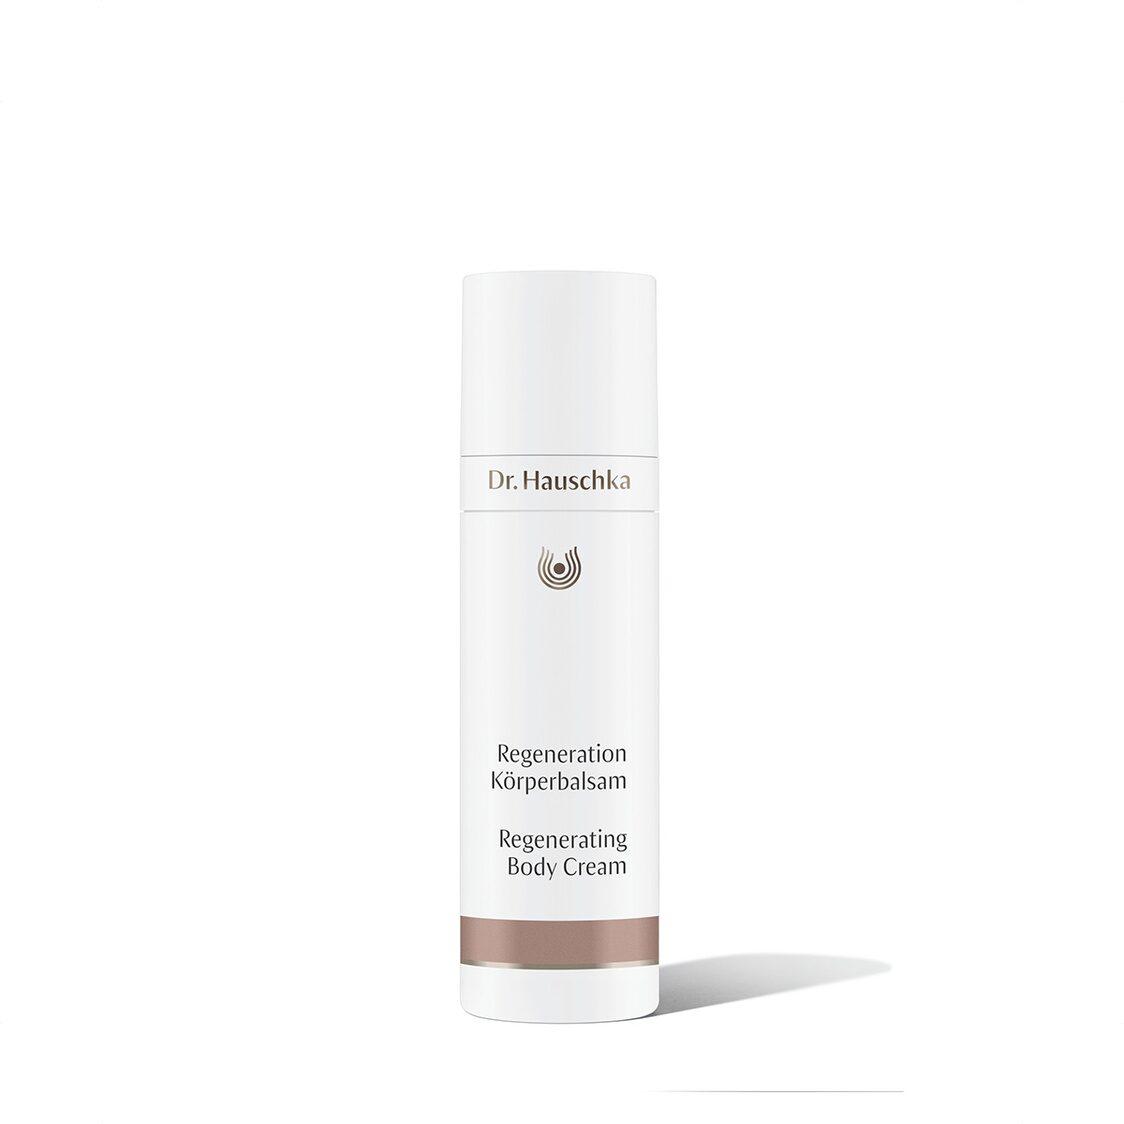 DrHauschka Regenerating Body Cream 150ml